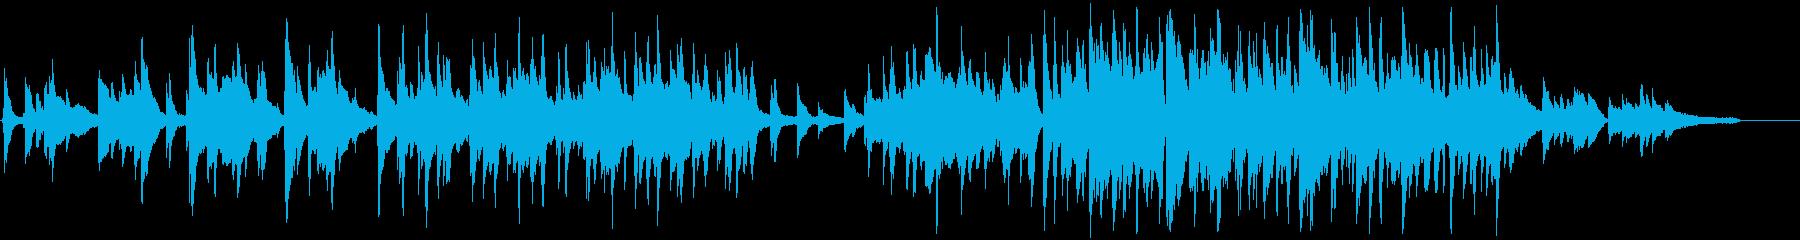 お洒落なジャズピアノトリオのワルツの再生済みの波形